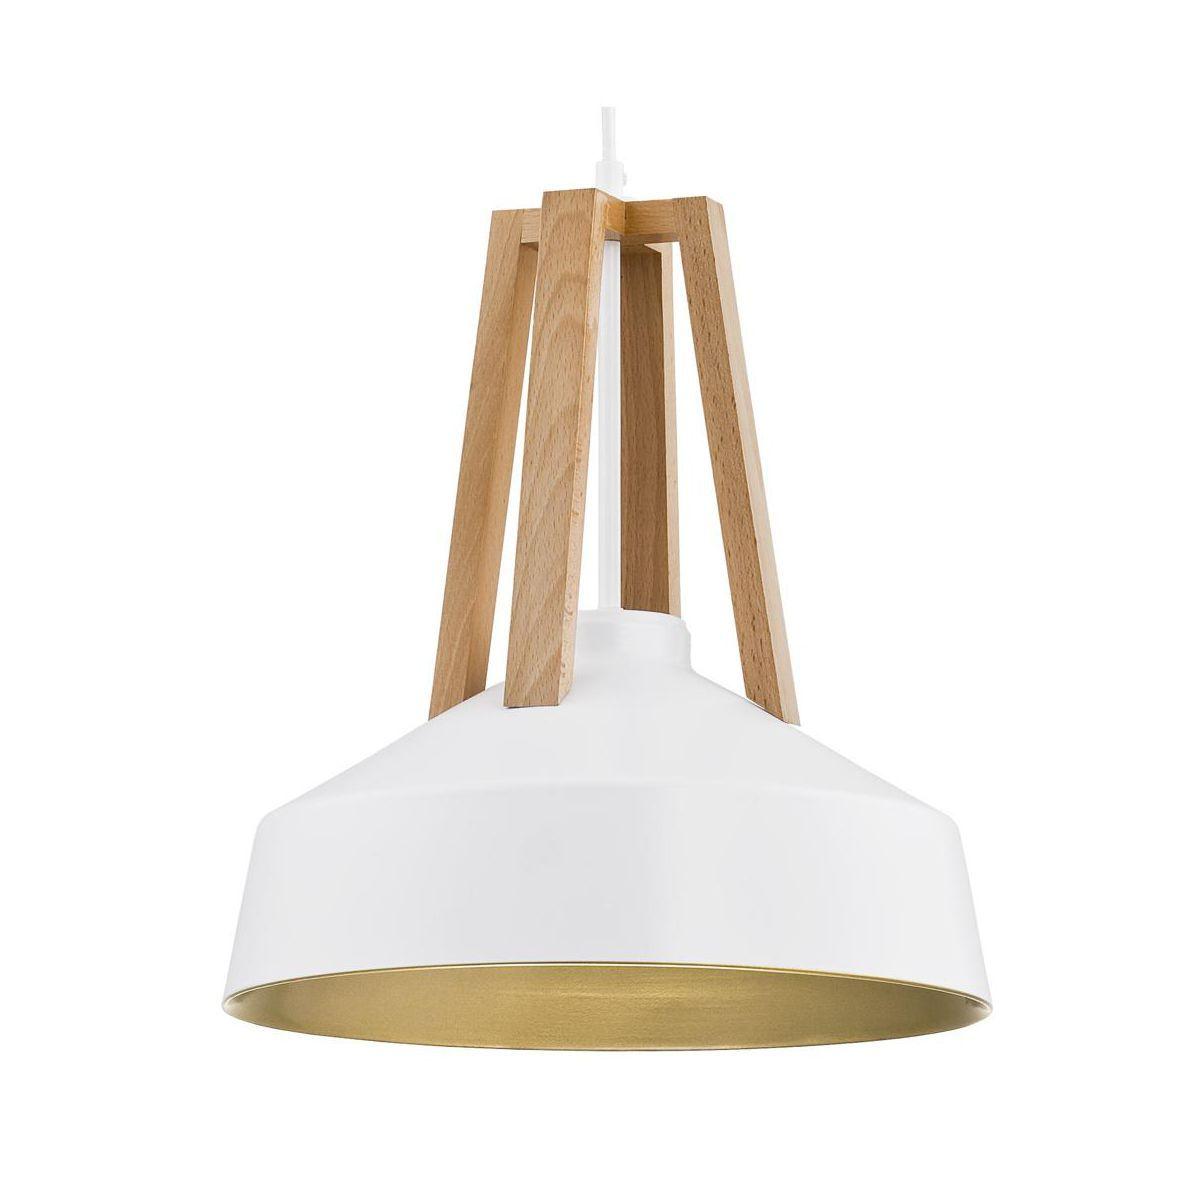 Lampa Wiszaca Drop Biala E27 Alfa Zyrandole Lampy Wiszace I Sufitowe W Atrakcyjnej Cenie W Sklepach Leroy Merlin In 2020 Lamp Decor Home Decor